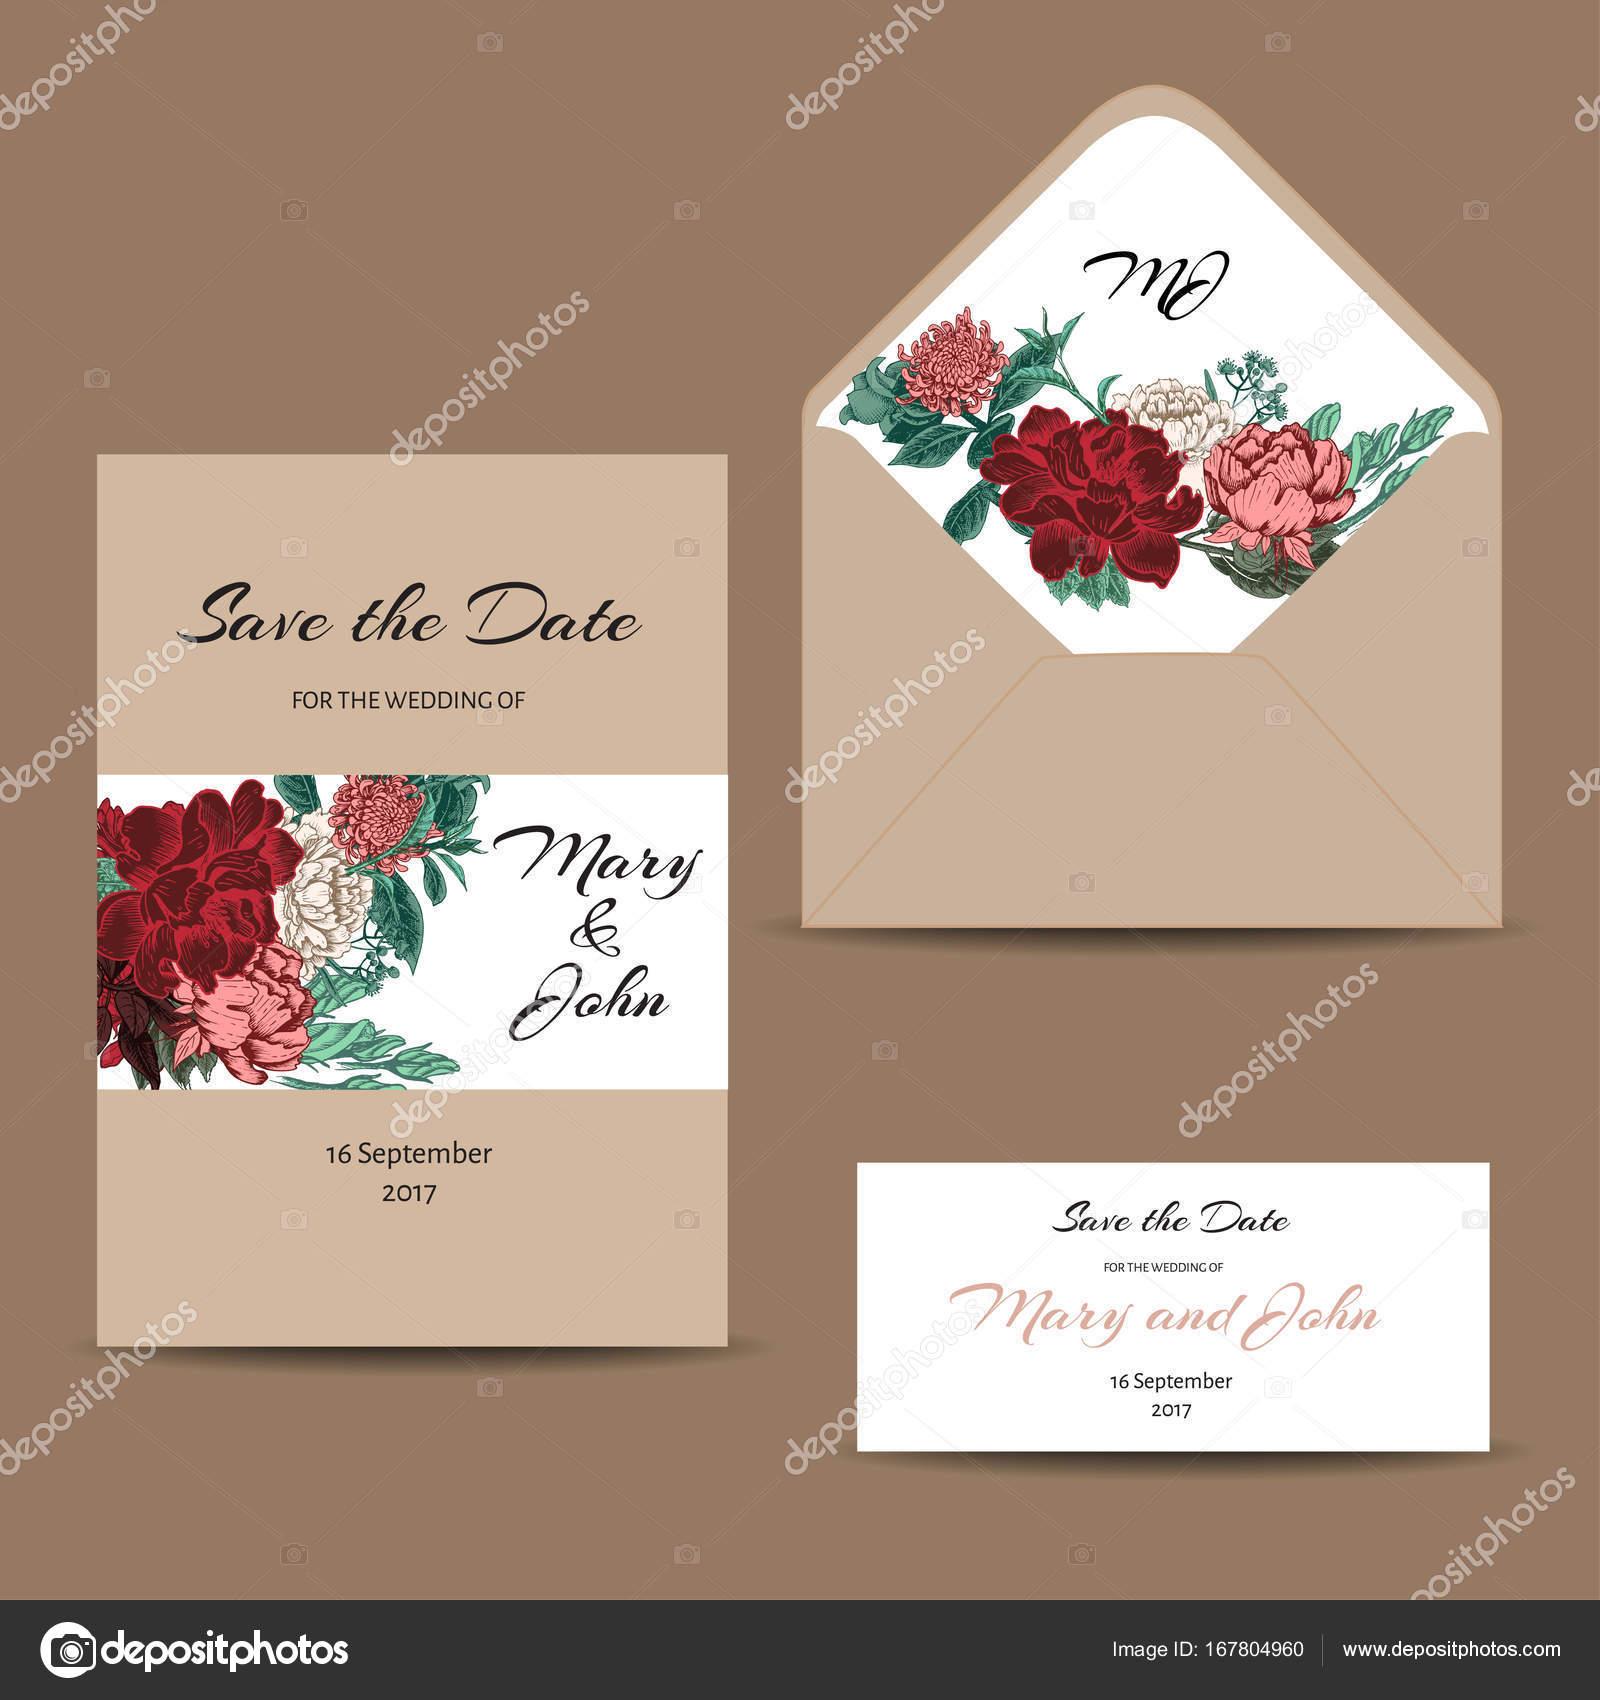 Eine Reihe Von Einladungskarten Für Die Hochzeit. Postkarten Mit Floralen  Ornamenten. Umschlag, Grußkarte